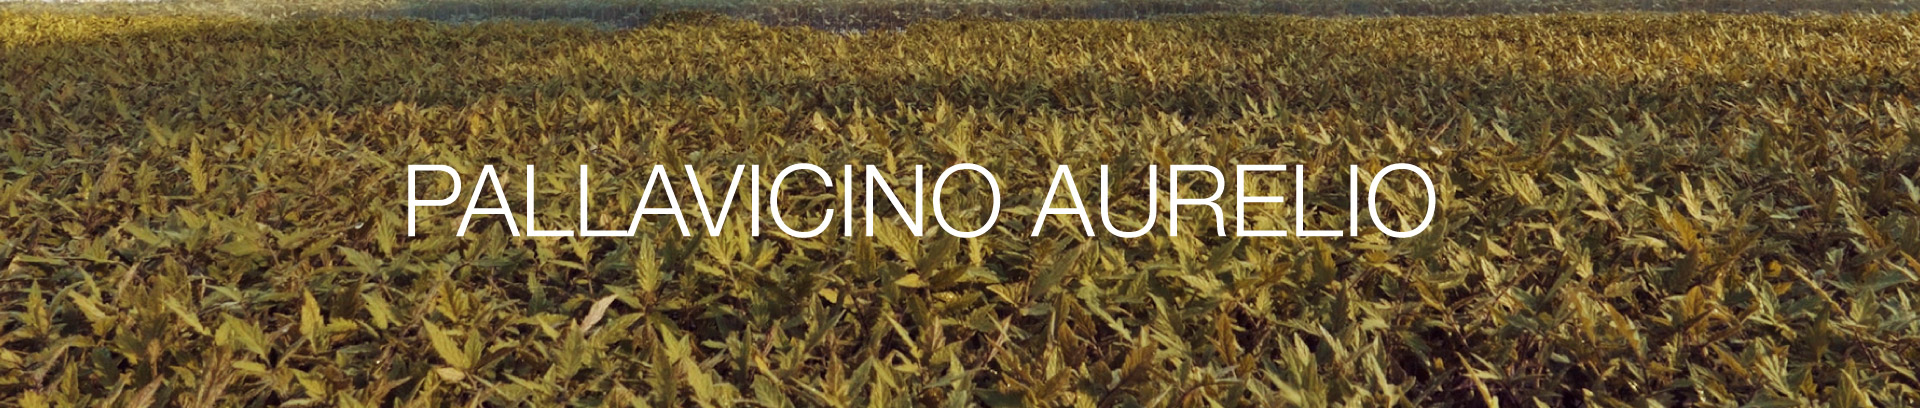 intestazione-pallavicino-aurelio-azienda-agricola